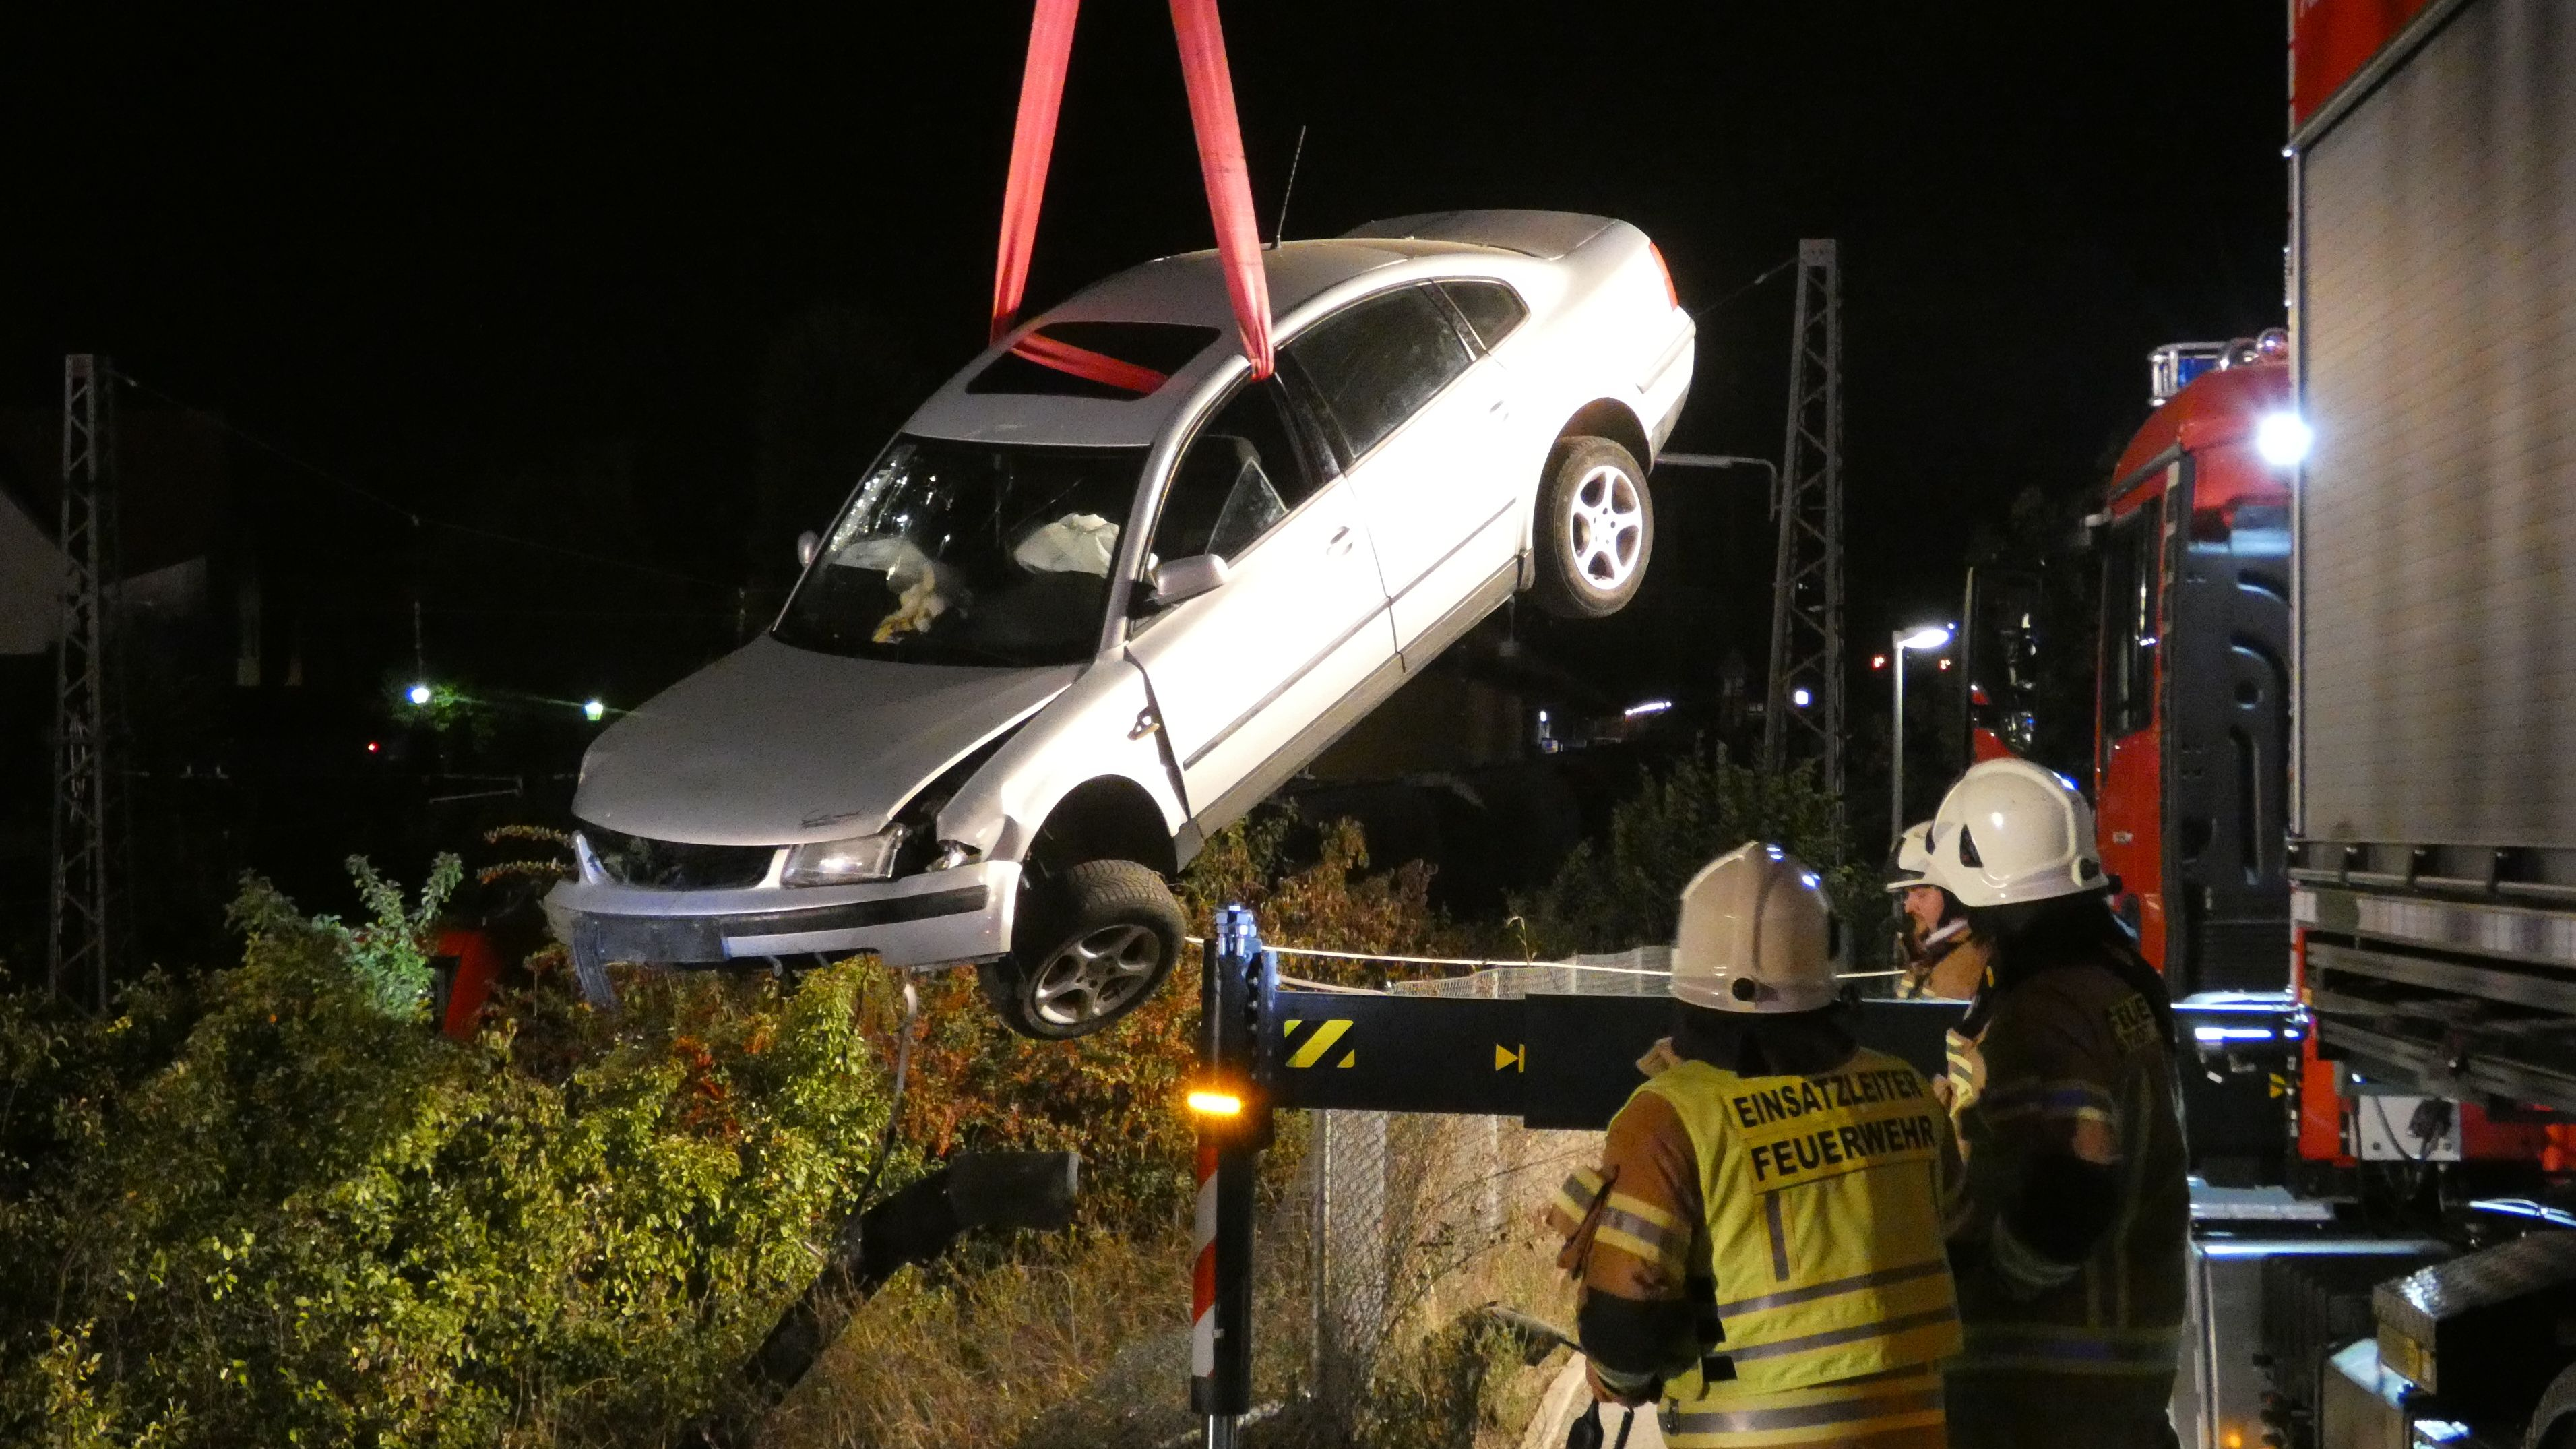 22-Jähriger stürzt mit seinem Auto zehn Meter tiefen Bahndamm hinab